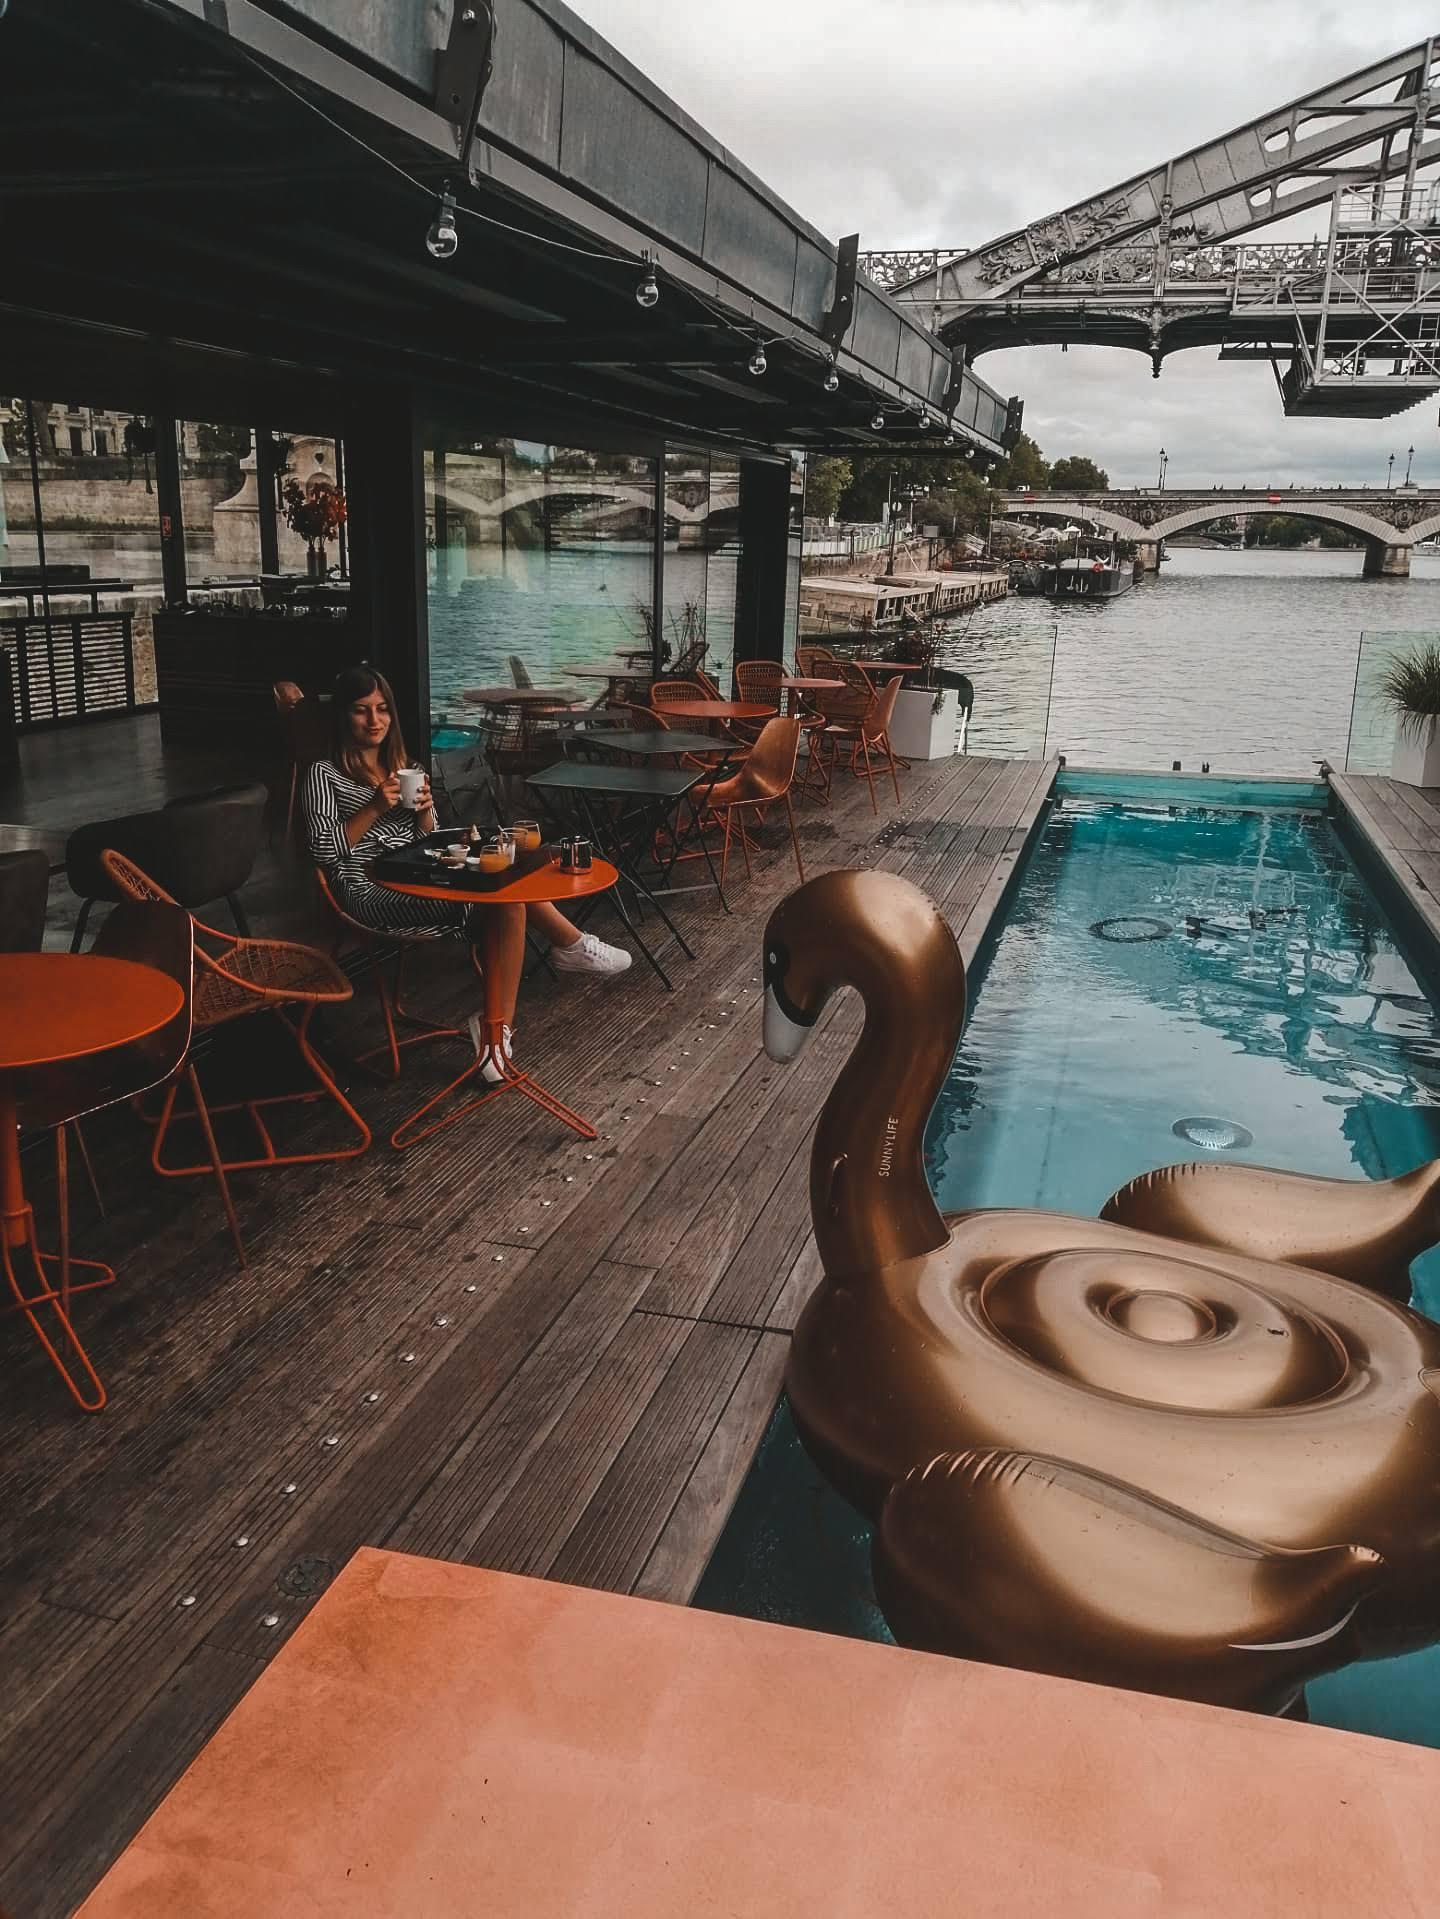 Paris Off Seine, a hotel on the Seine